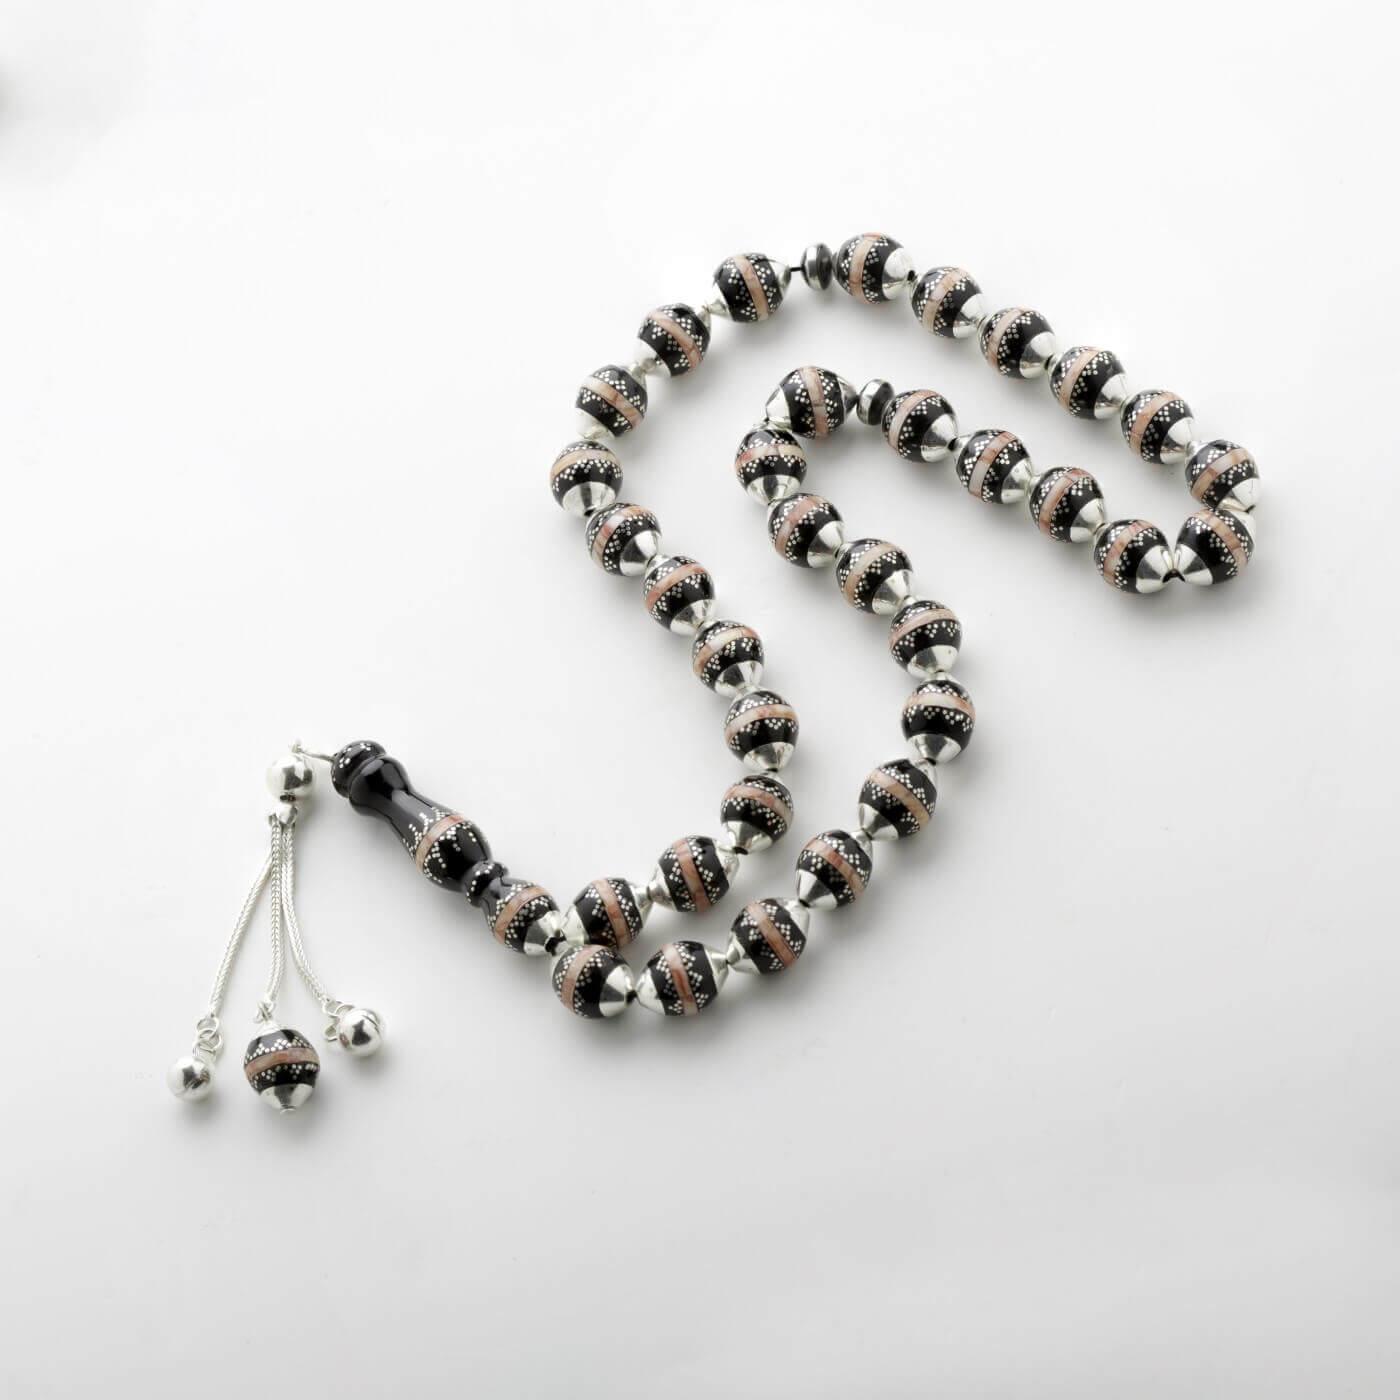 Yusur Dotted Prayer Beads